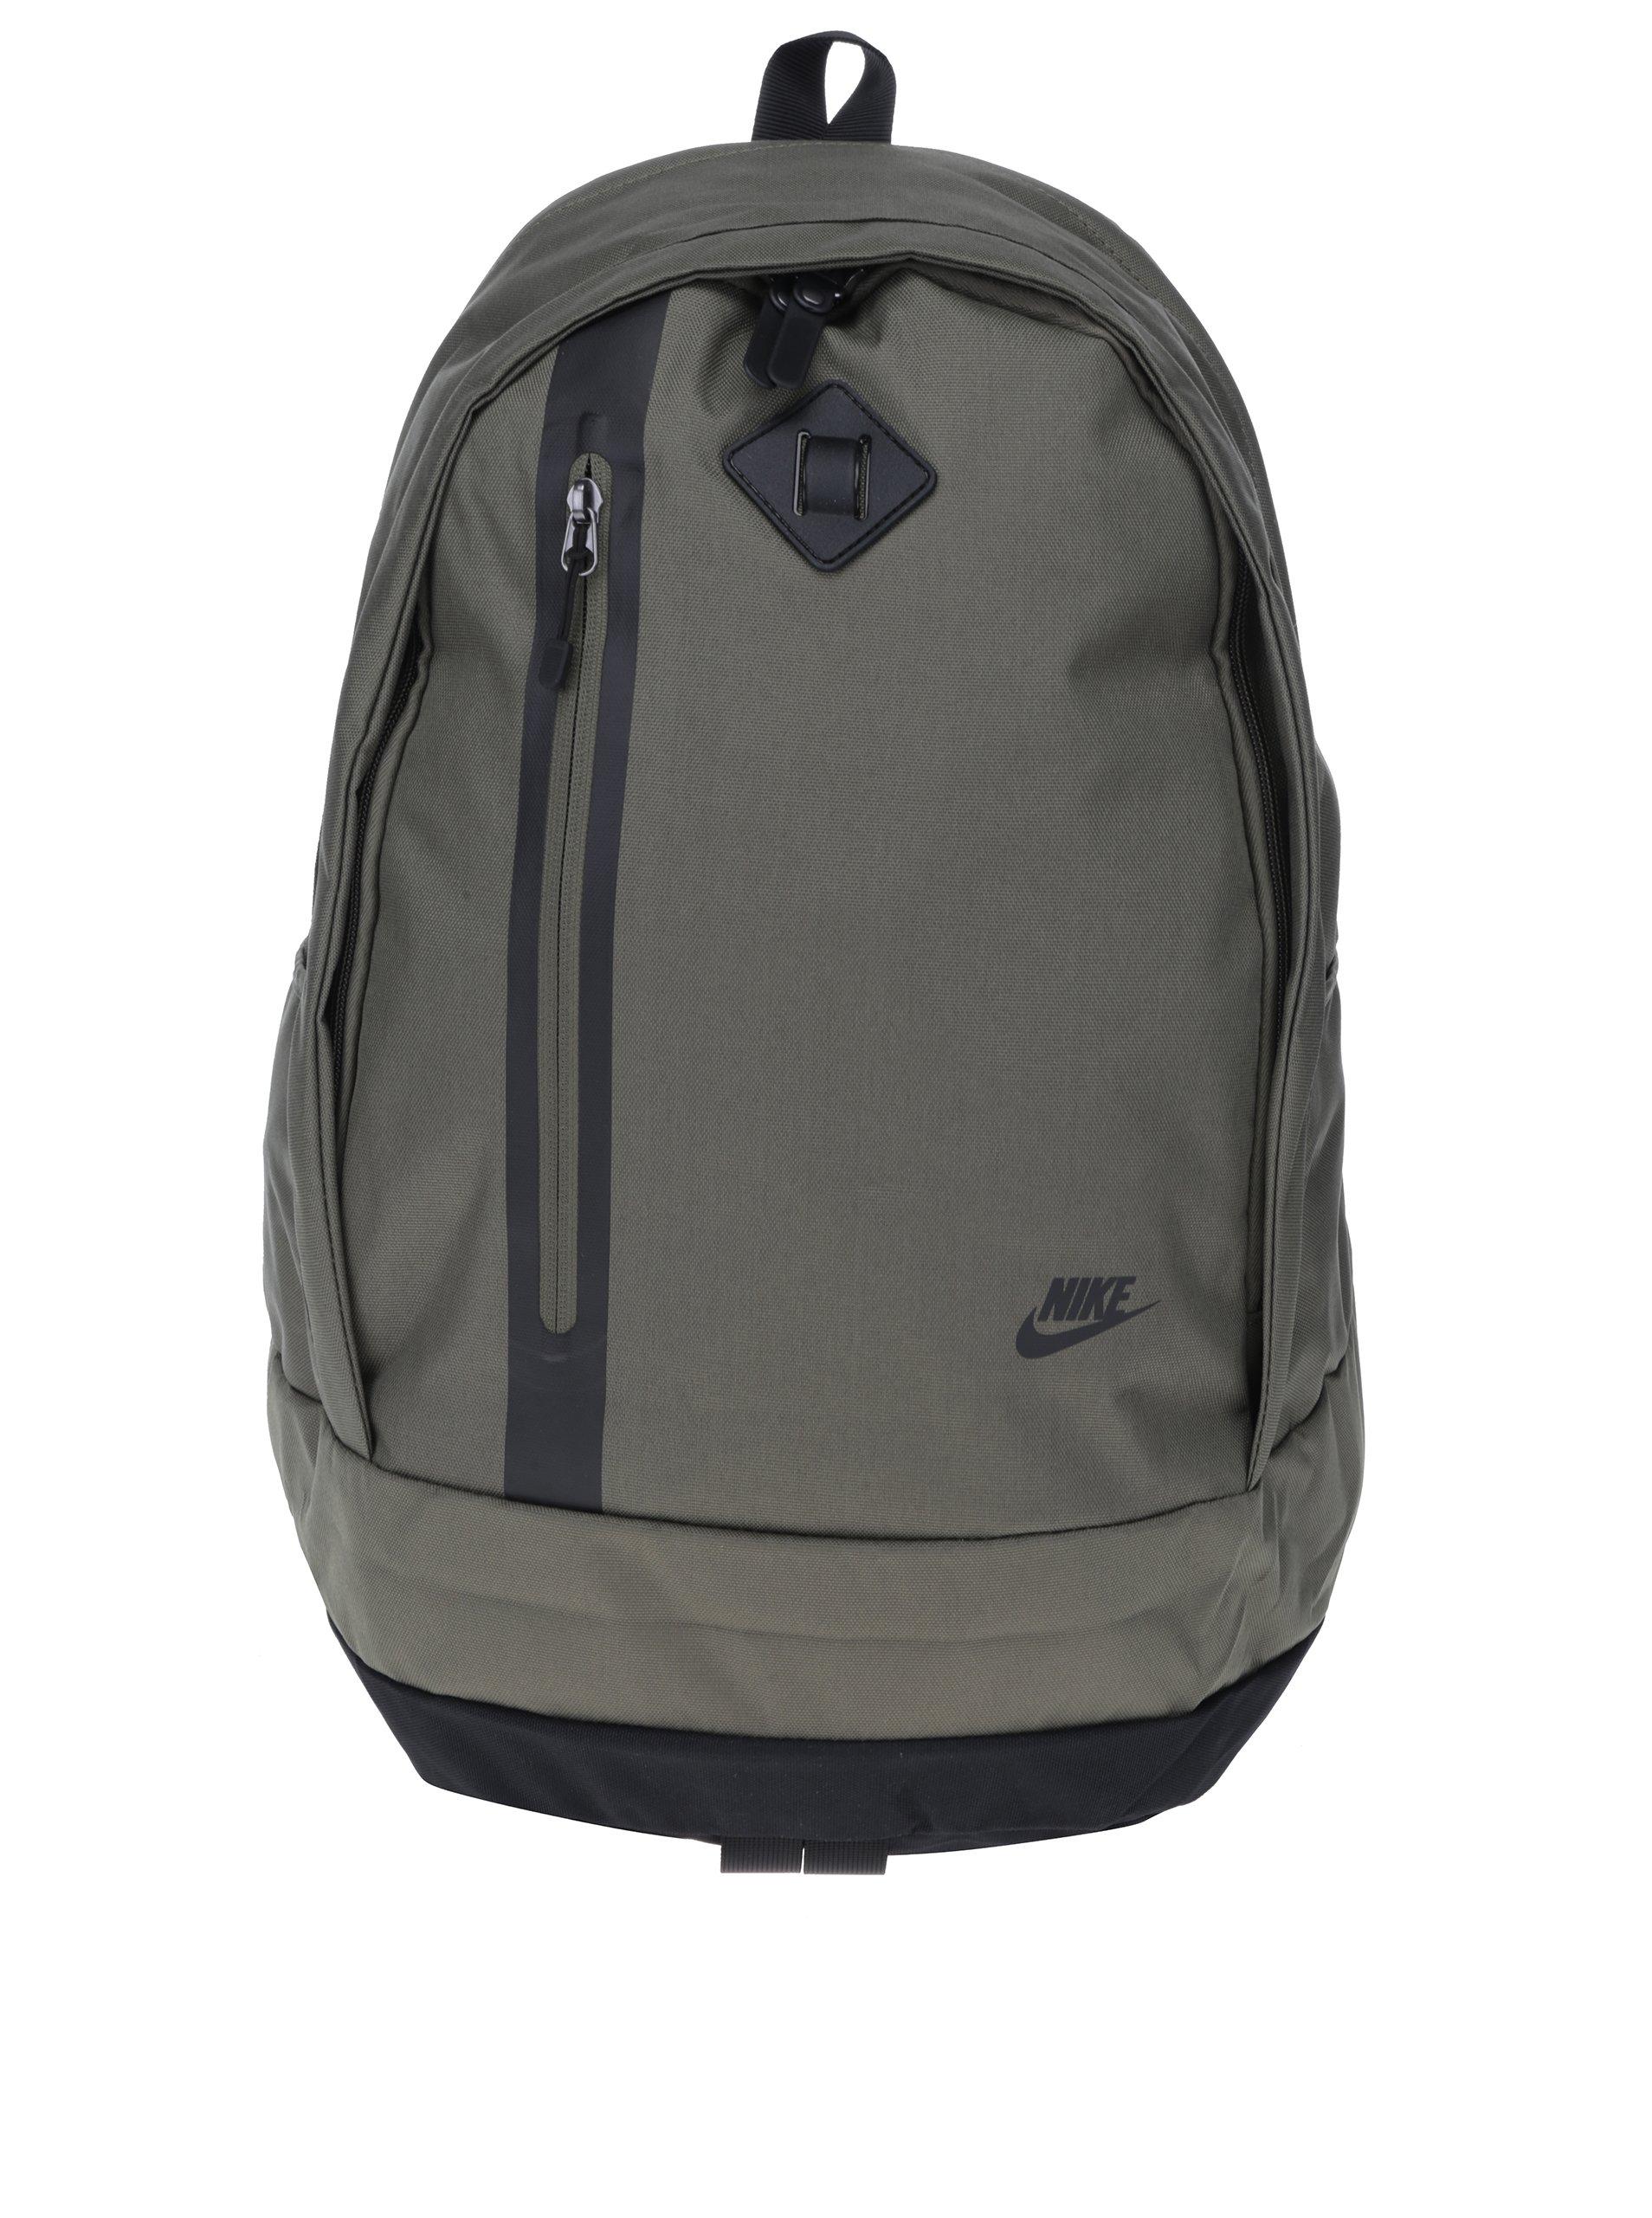 Khaki batoh Nike Cheyenne